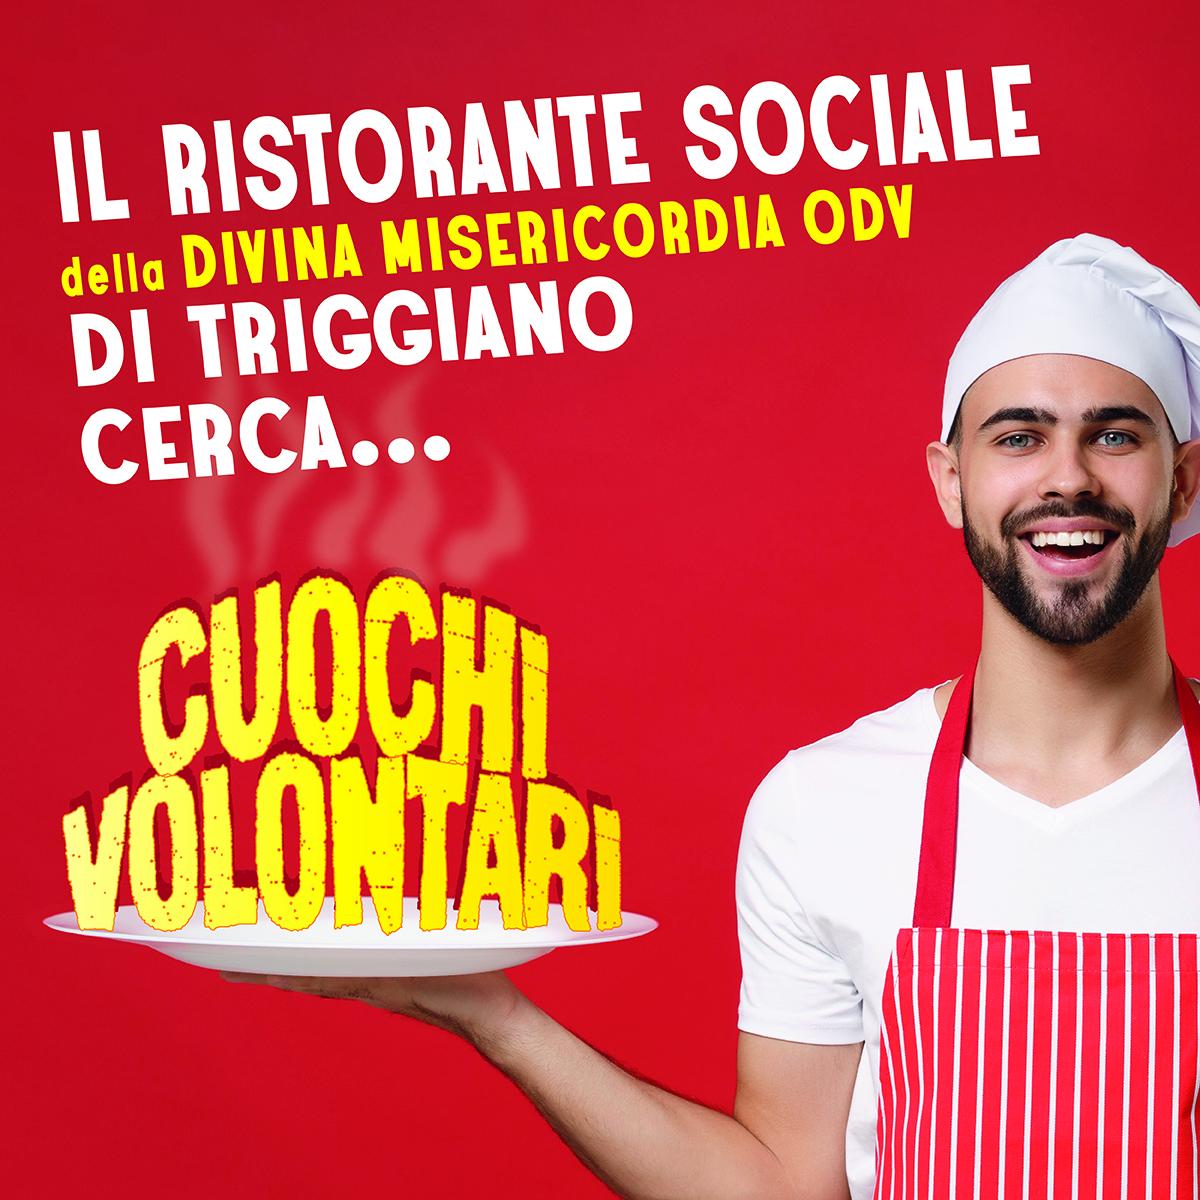 Banner Il Ristorante Sociale di Triggiano cerca Cuochi volontari 2021 Divina Misericordia OdV